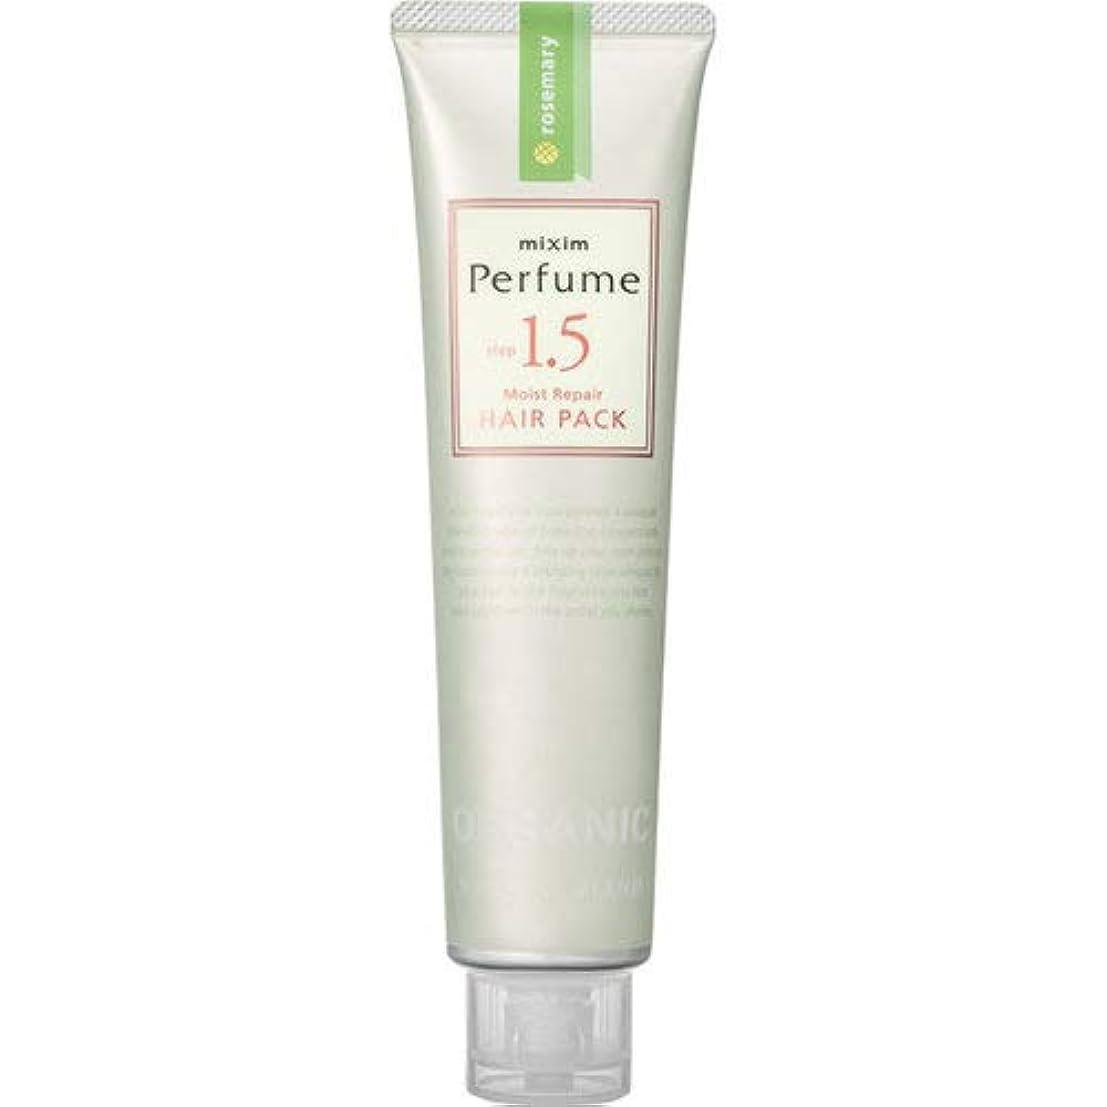 ホールドファイナンス不利益mixim Perfume(ミクシムパフューム) モイストリペア ヘアパック 130g